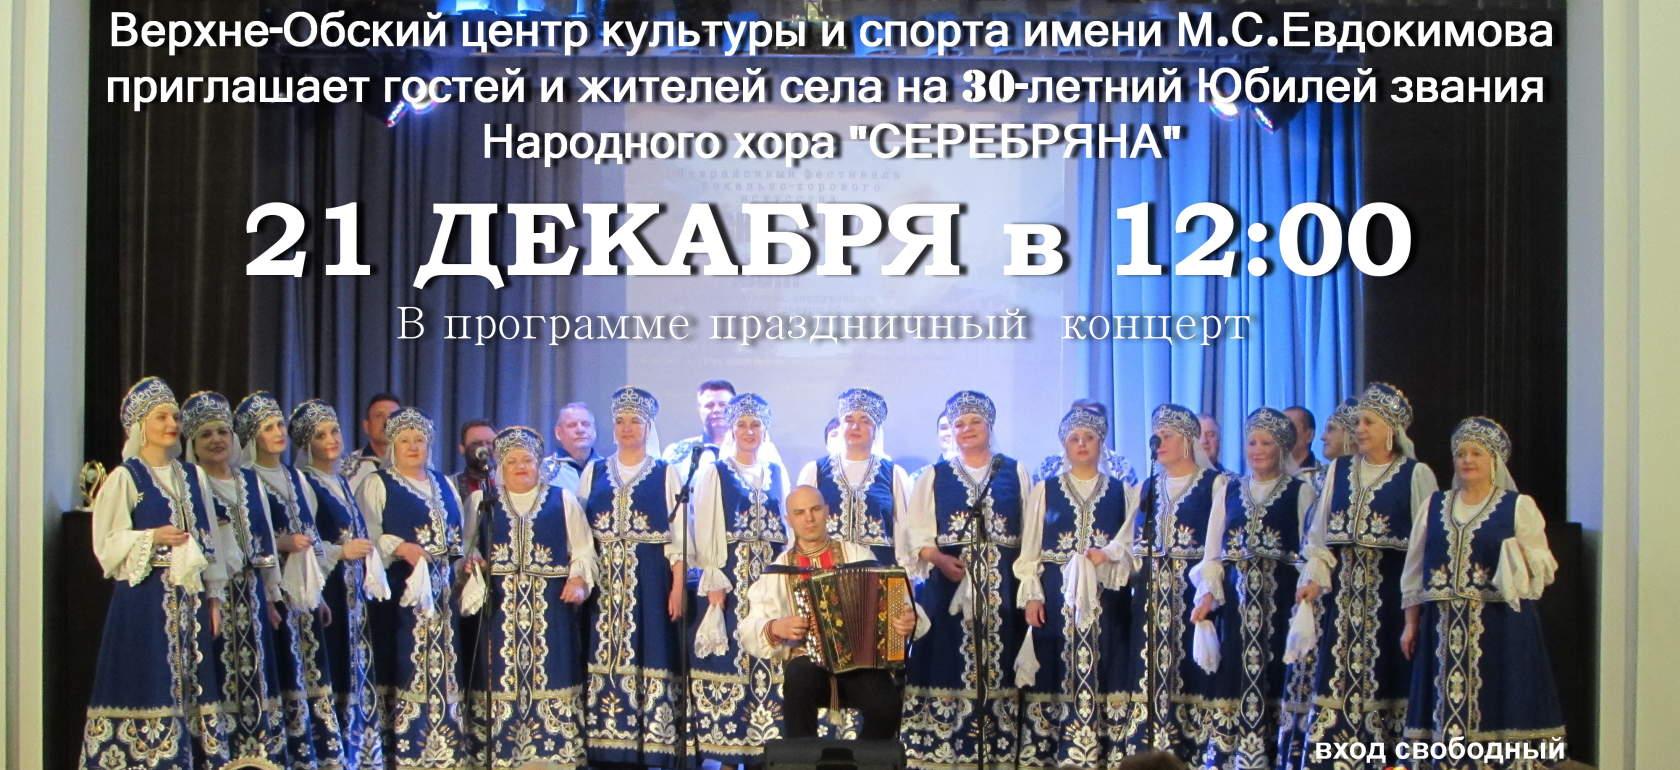 Концерт 21 декабря